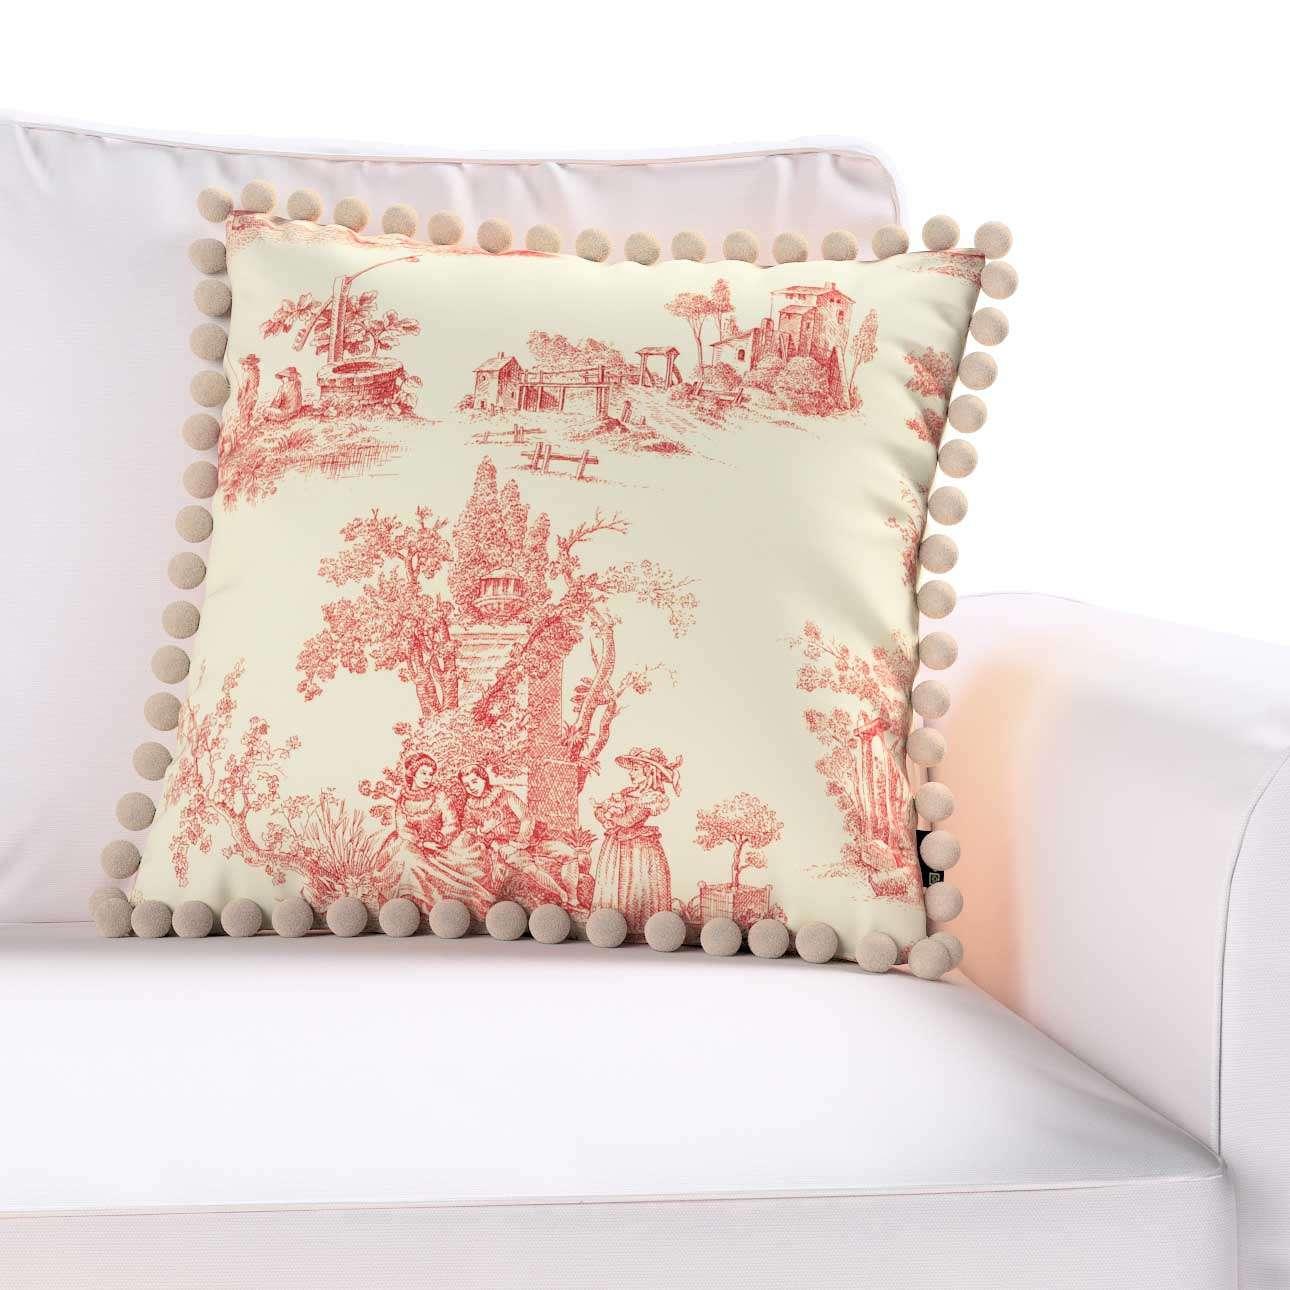 Poszewka Wera na poduszkę w kolekcji Avinon, tkanina: 132-15